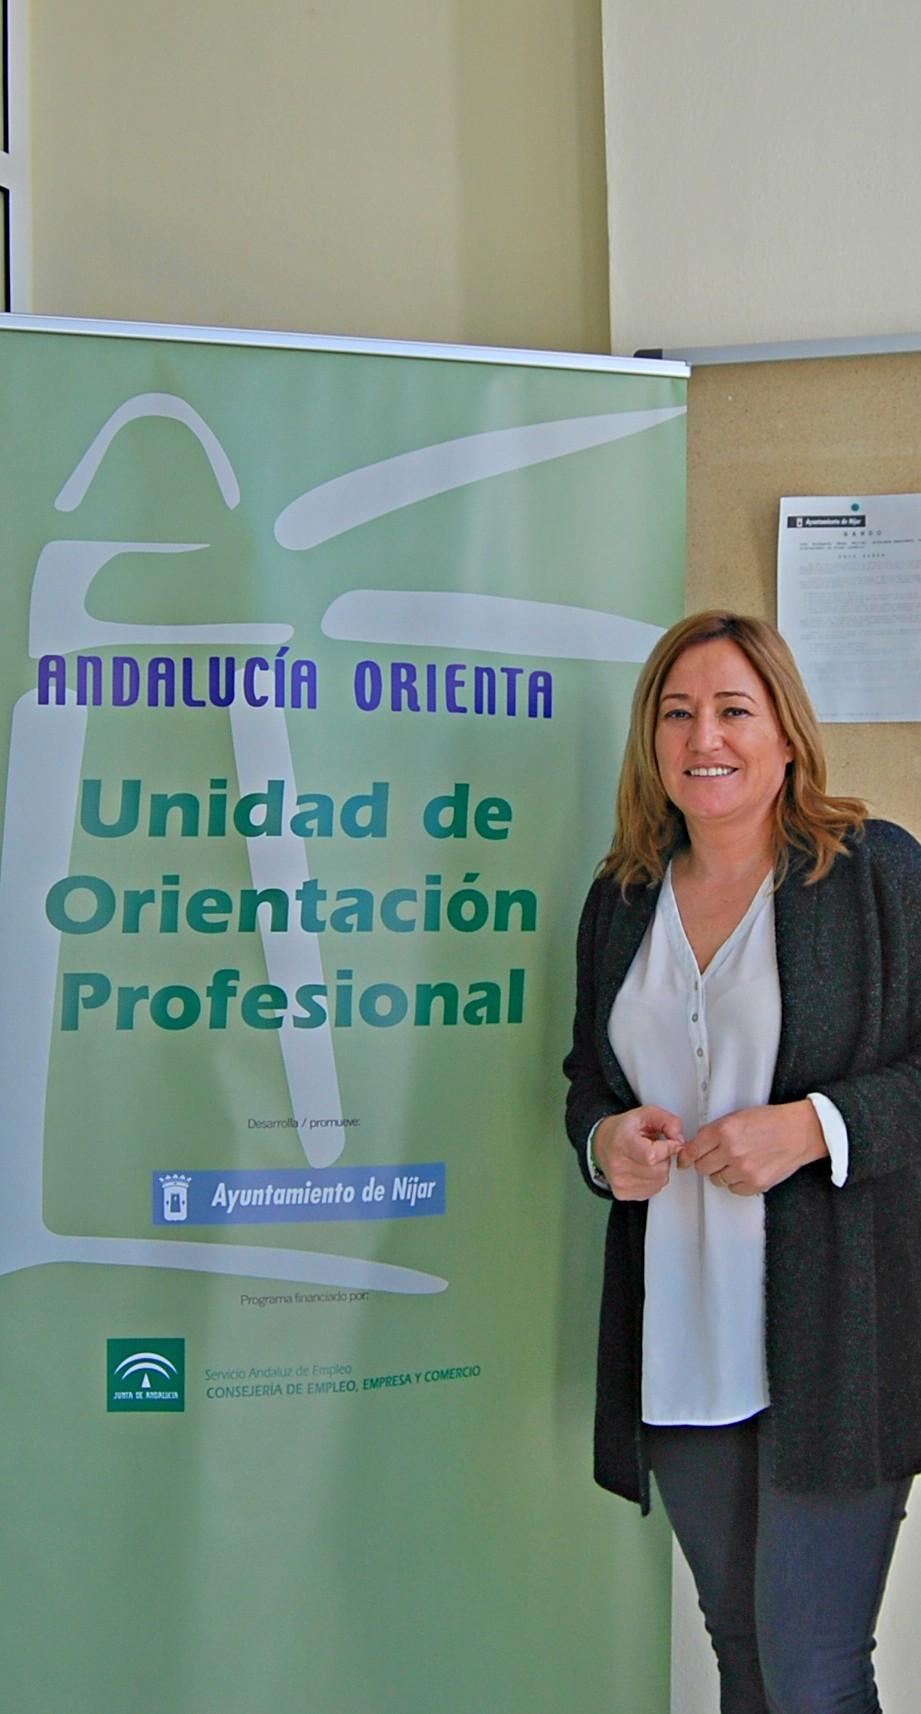 N jar cuenta con una oficina de la red andaluc a orienta for Red de una oficina